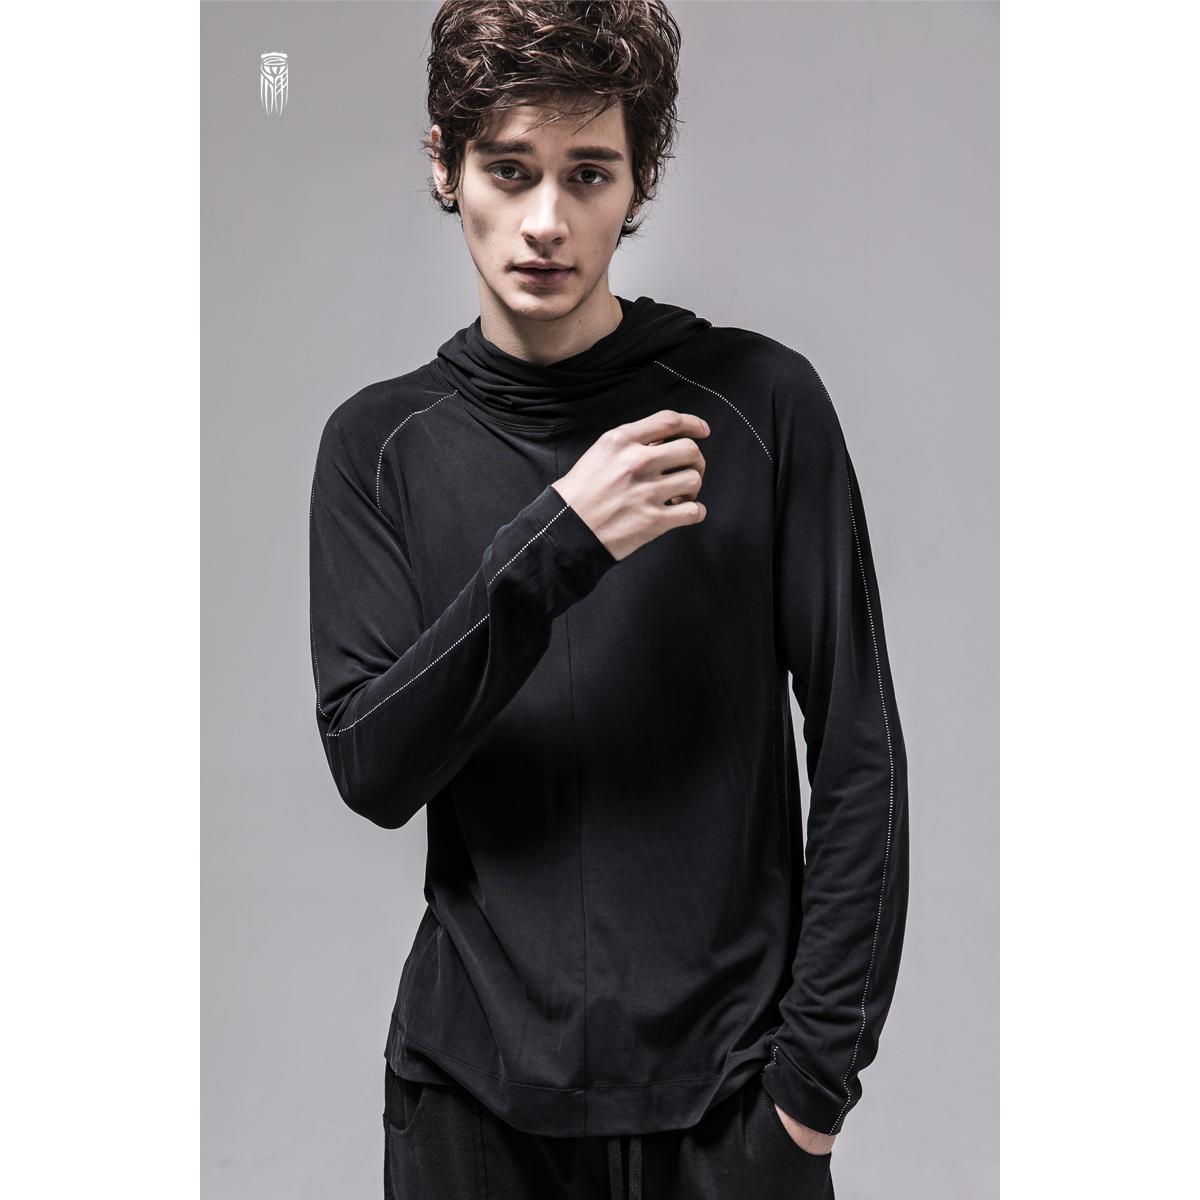 艺示单原创设计师品牌 连帽休闲长袖T恤男纯色修身套头打底衫潮牌